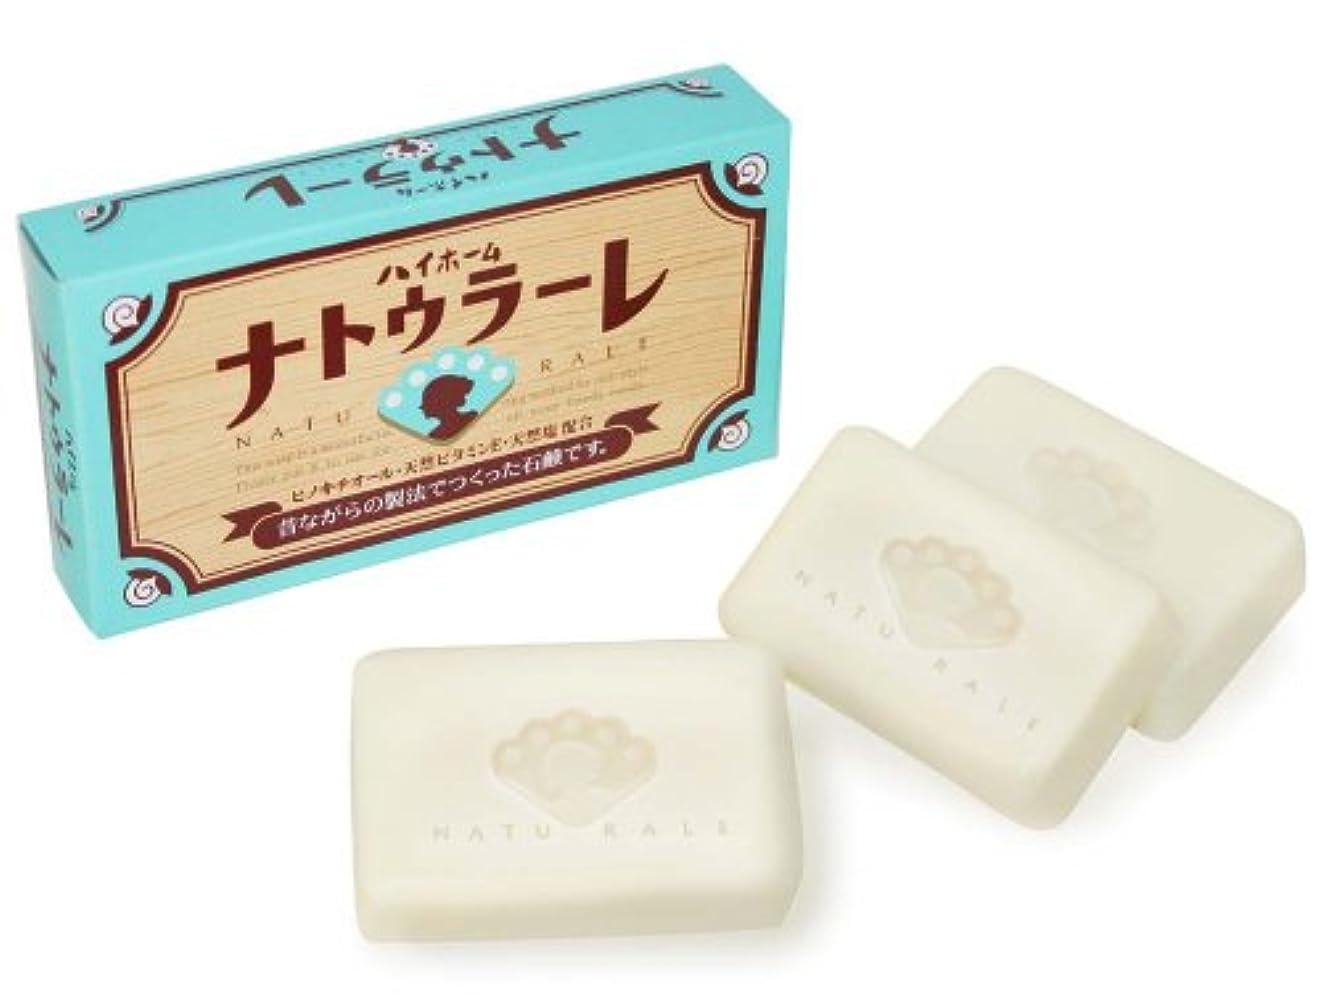 偉業通信する削減昔ながらの製法で作られた化粧石鹸 ハイホーム ナトゥラーレ 3個入り (天然ビタミンE配合)